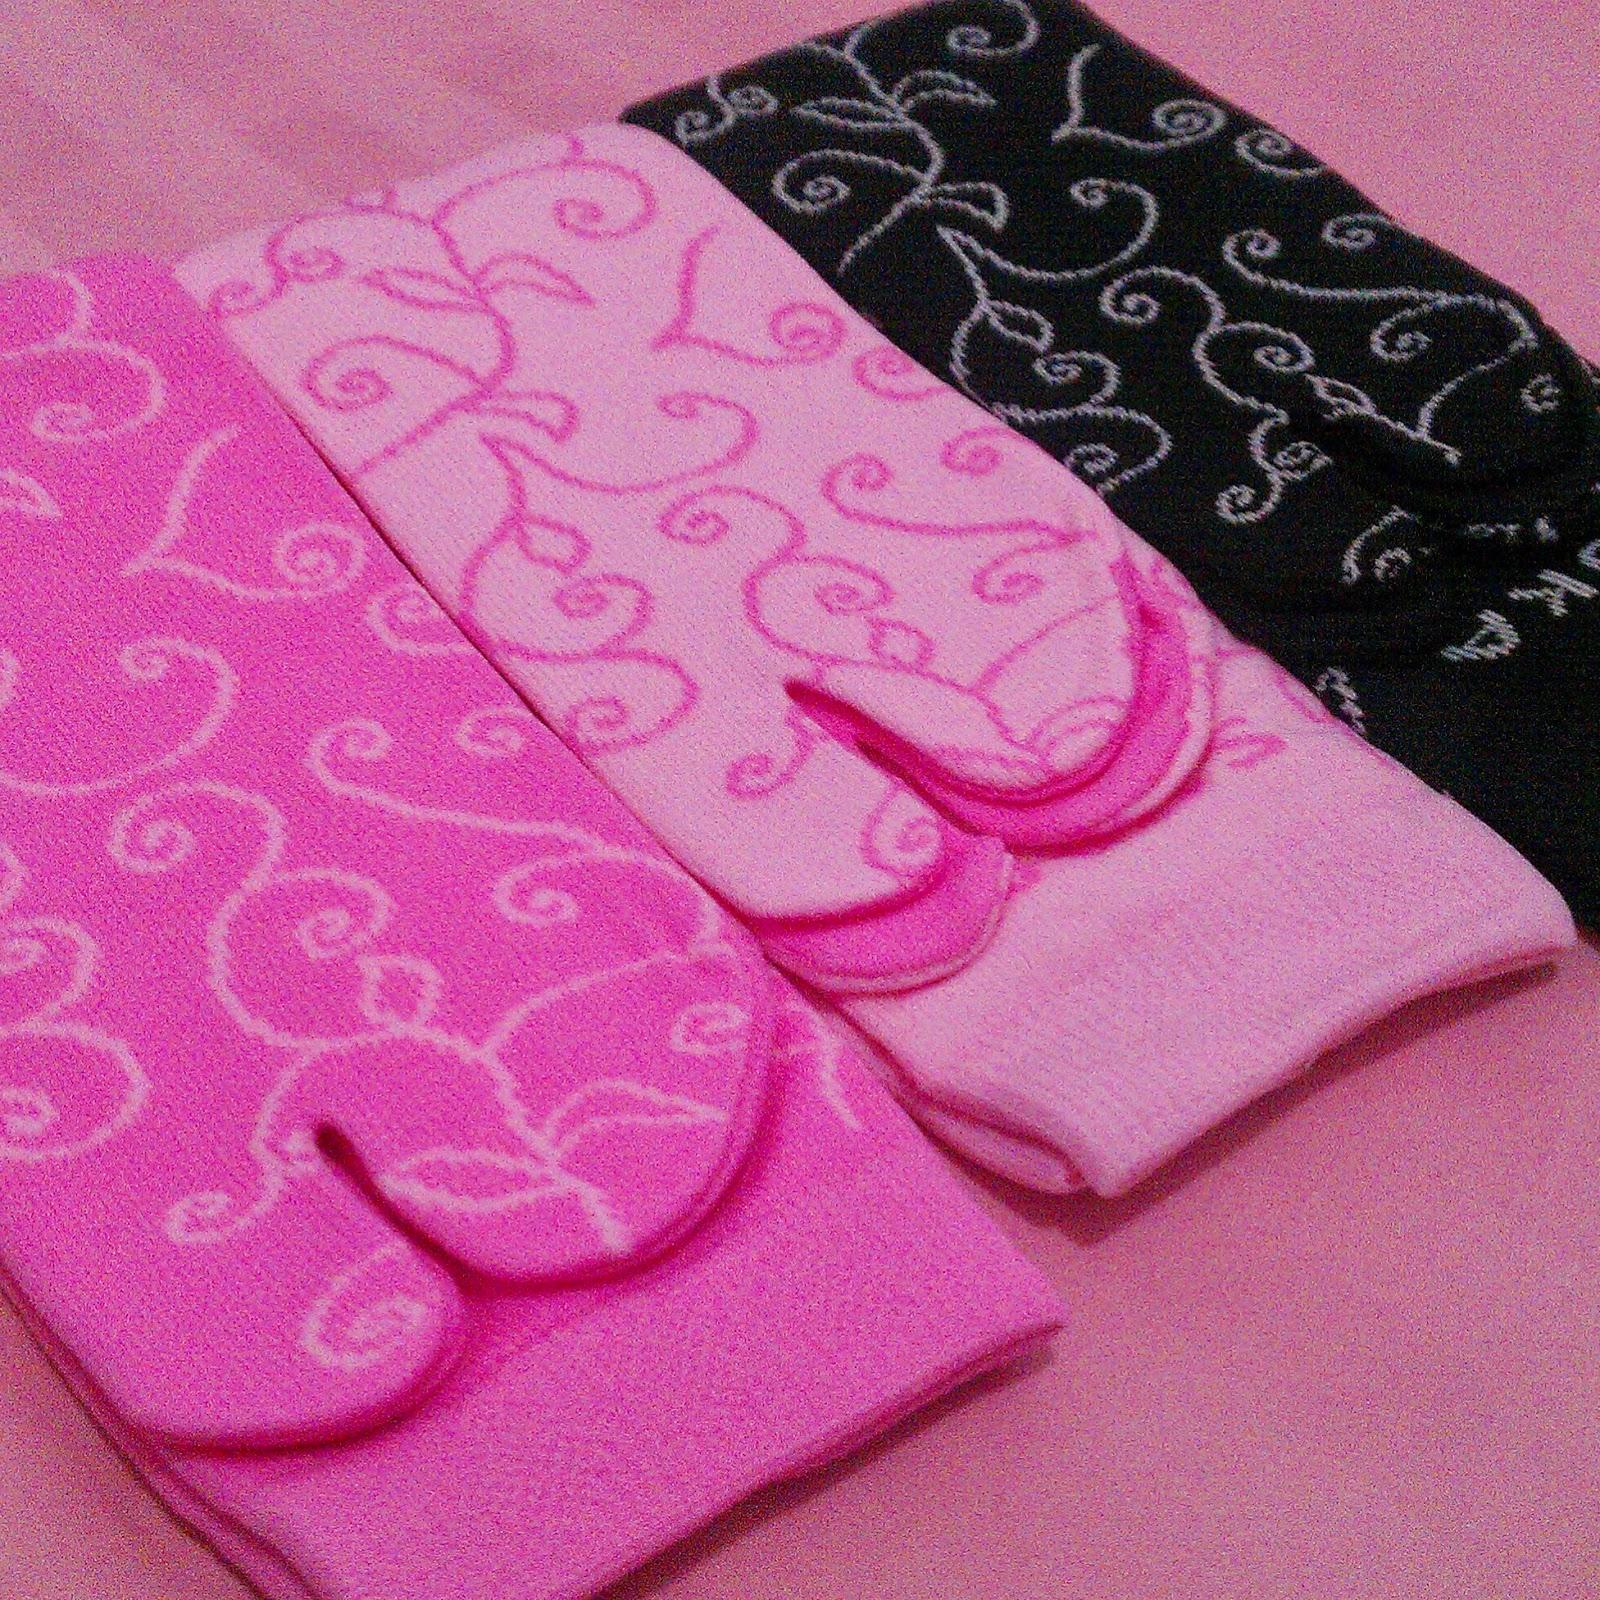 Nuraya Hijab Store Nurayahijabstore Kaos Kaki Jempol Florist Wr 008 Soka